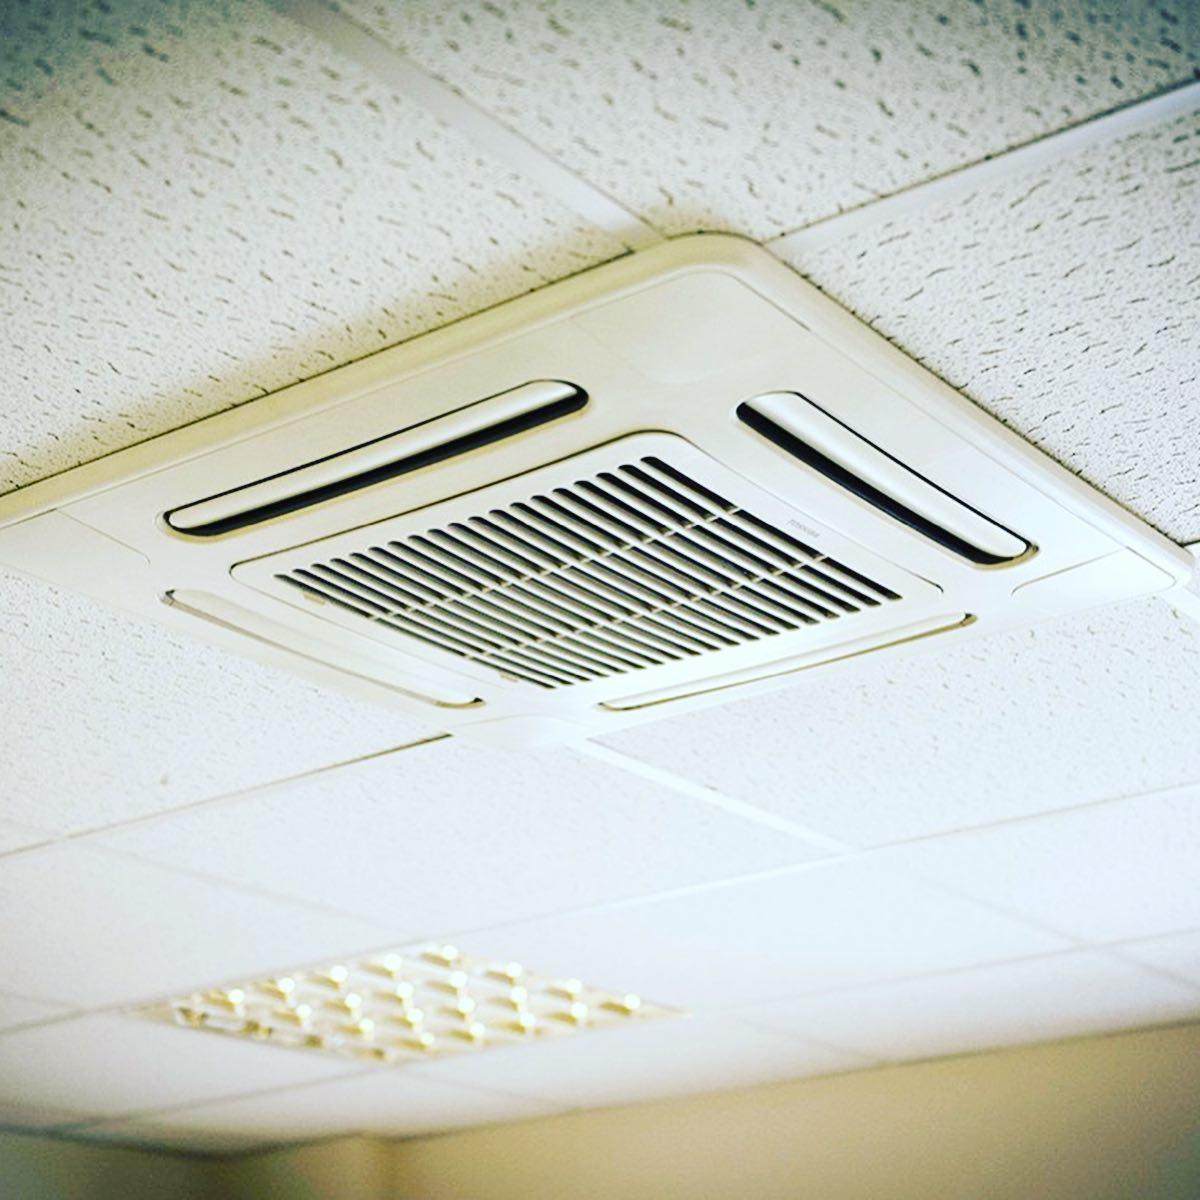 🚿Чистка и дезинфекция вентиляционной системы☢️.